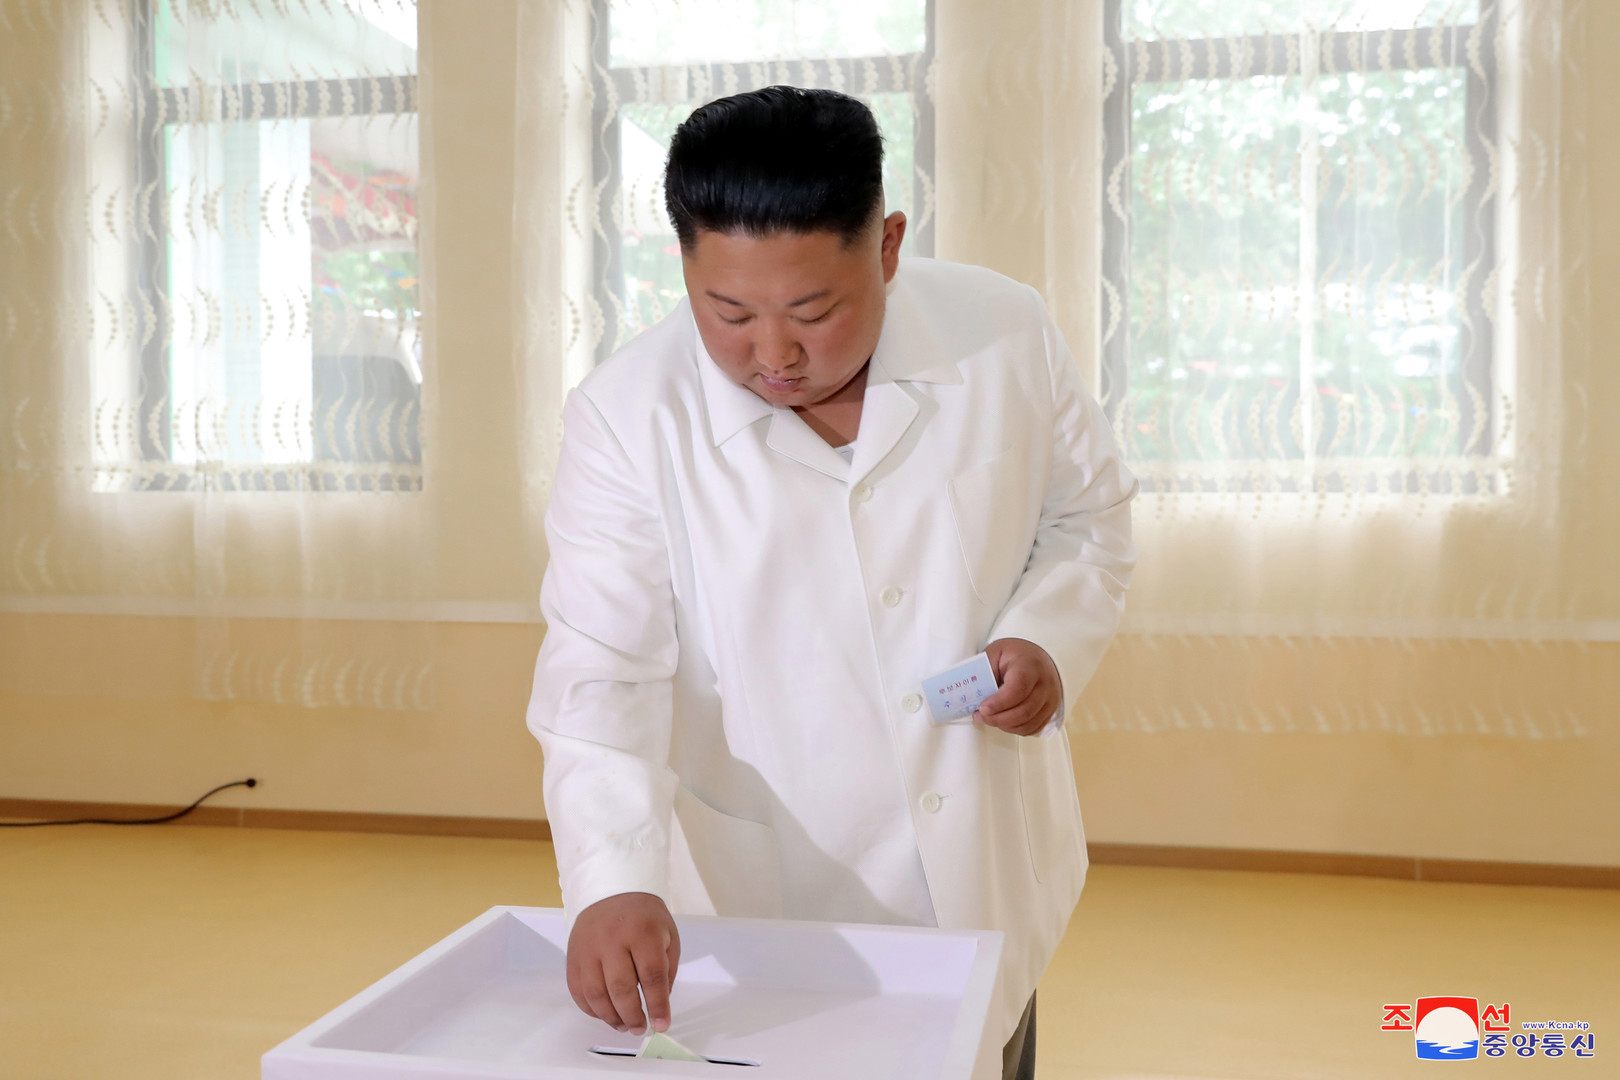 كيم يدلي بصوته في انتخابات المجالس المحلية